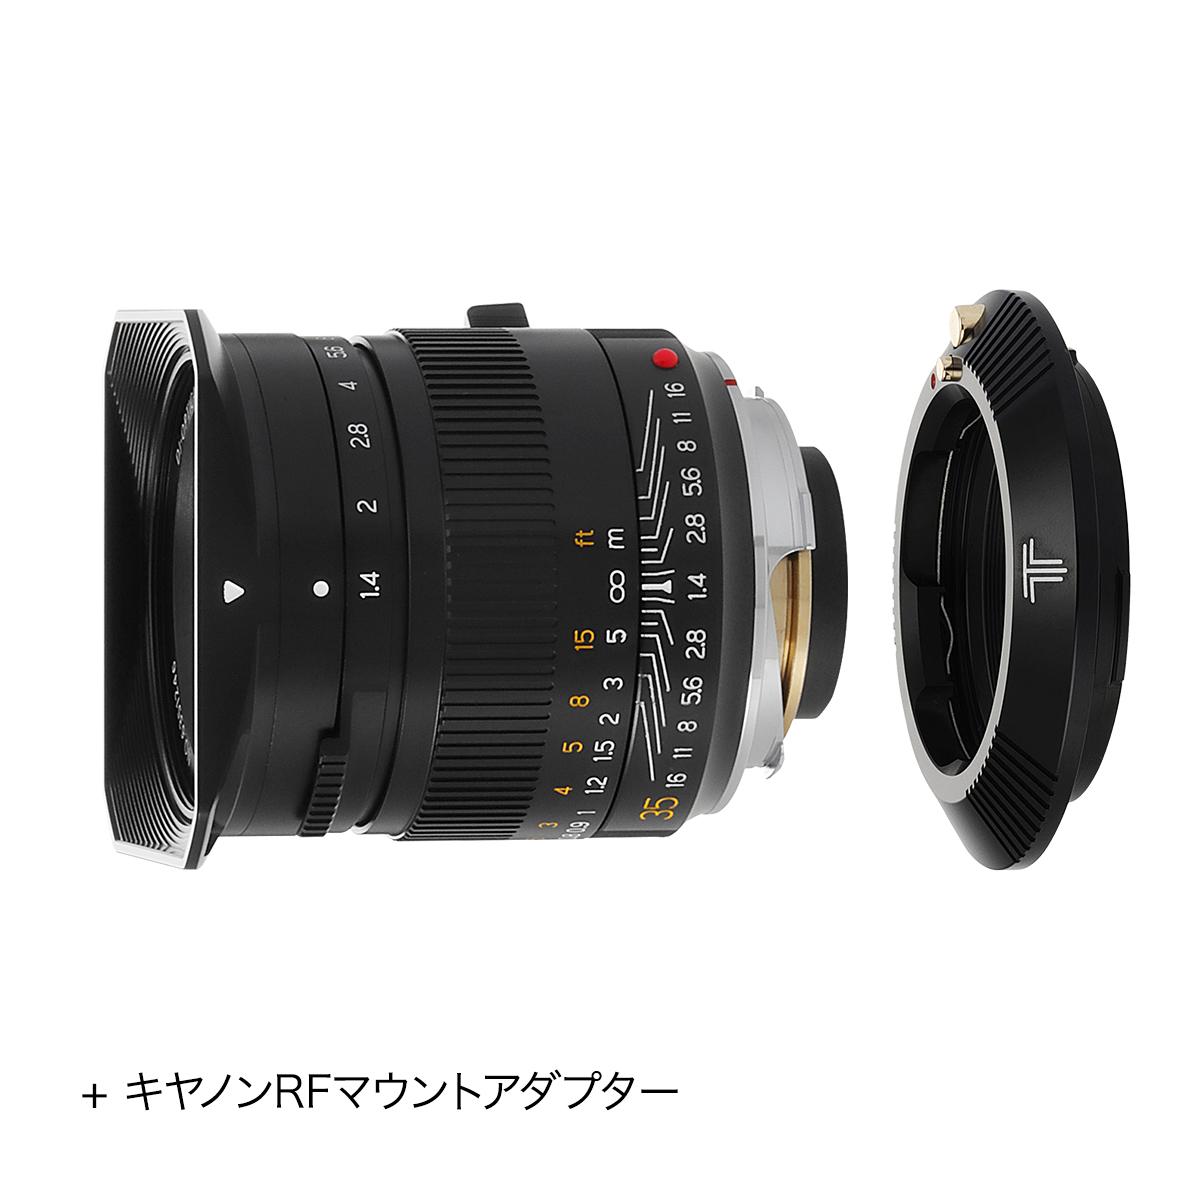 銘匠光学 TTArtisan 35mm f/1.4 ASPH(ブラック)+ マウントアダプター セット